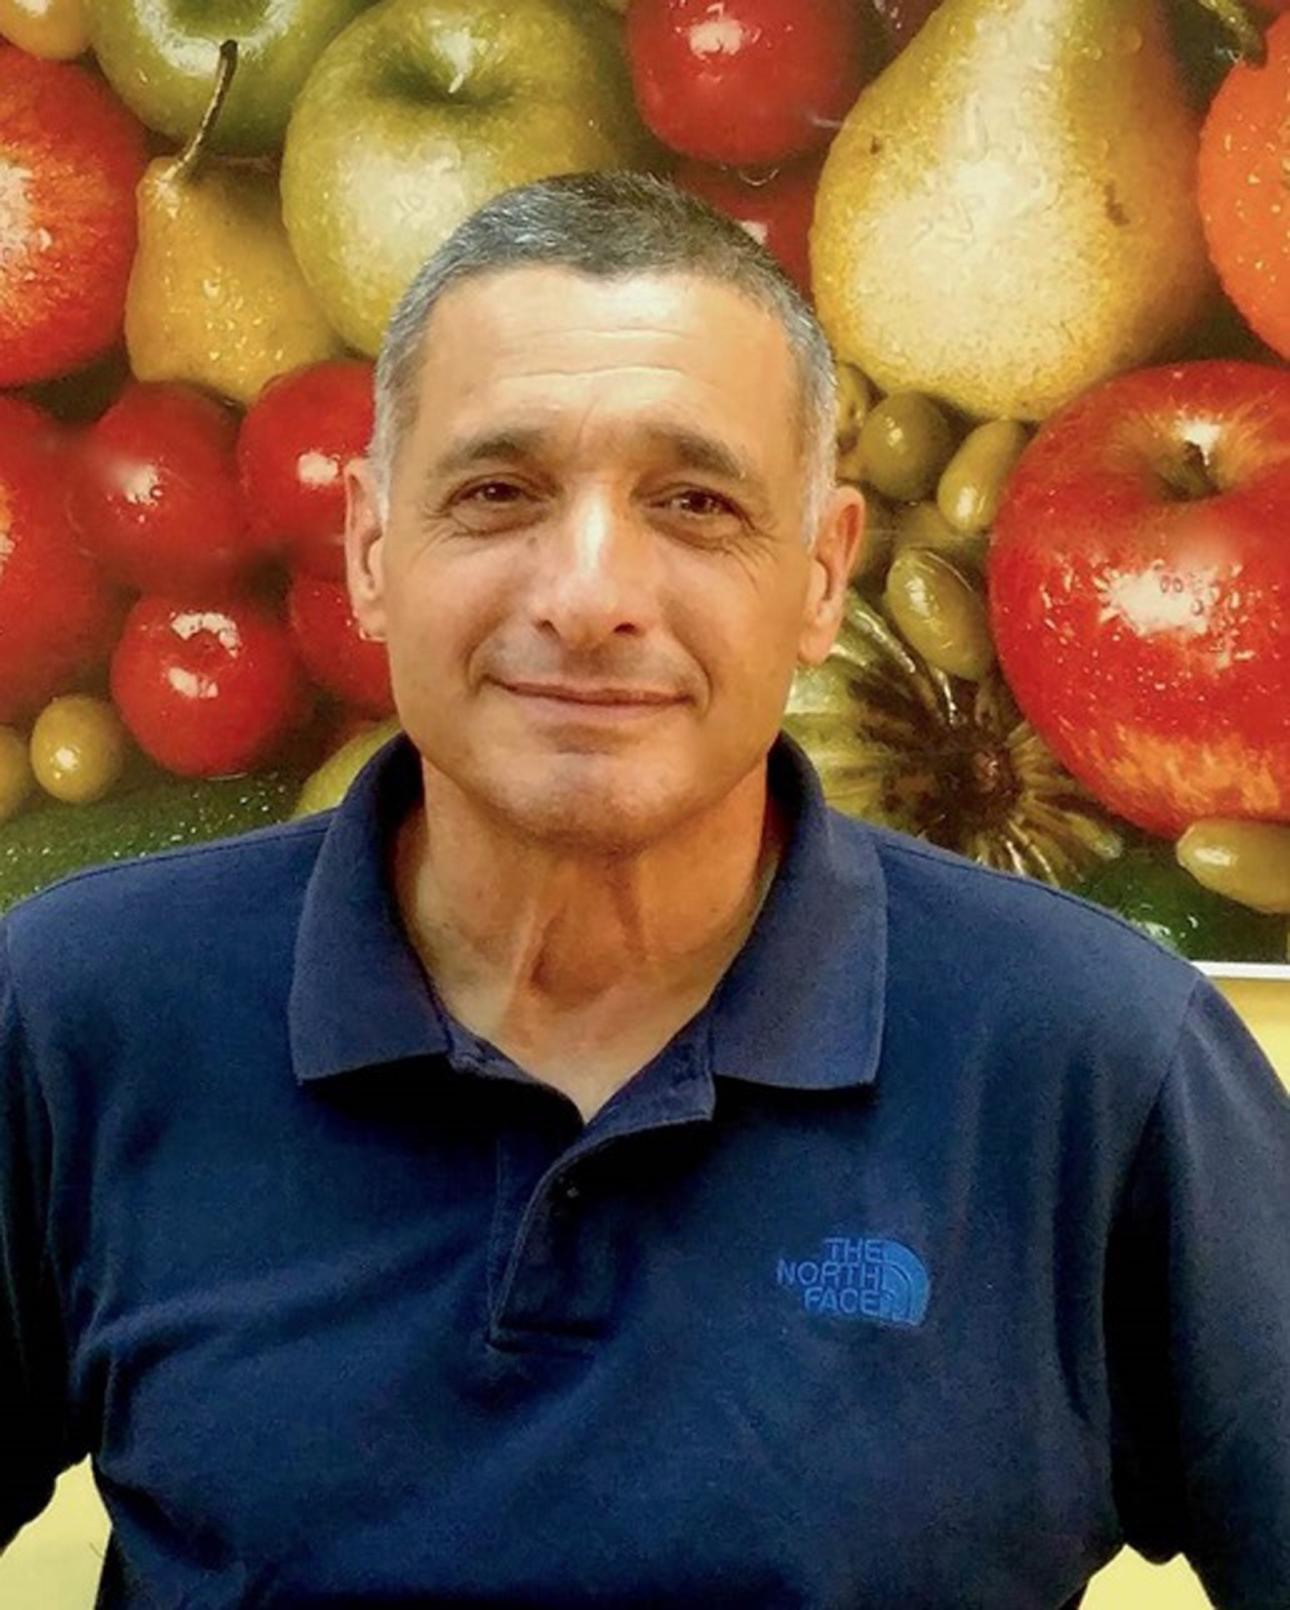 ירון בלחסן מנכל ארגון מגדלי הפרות בישראל- צילום ארגון מגדלי הפירות (1)